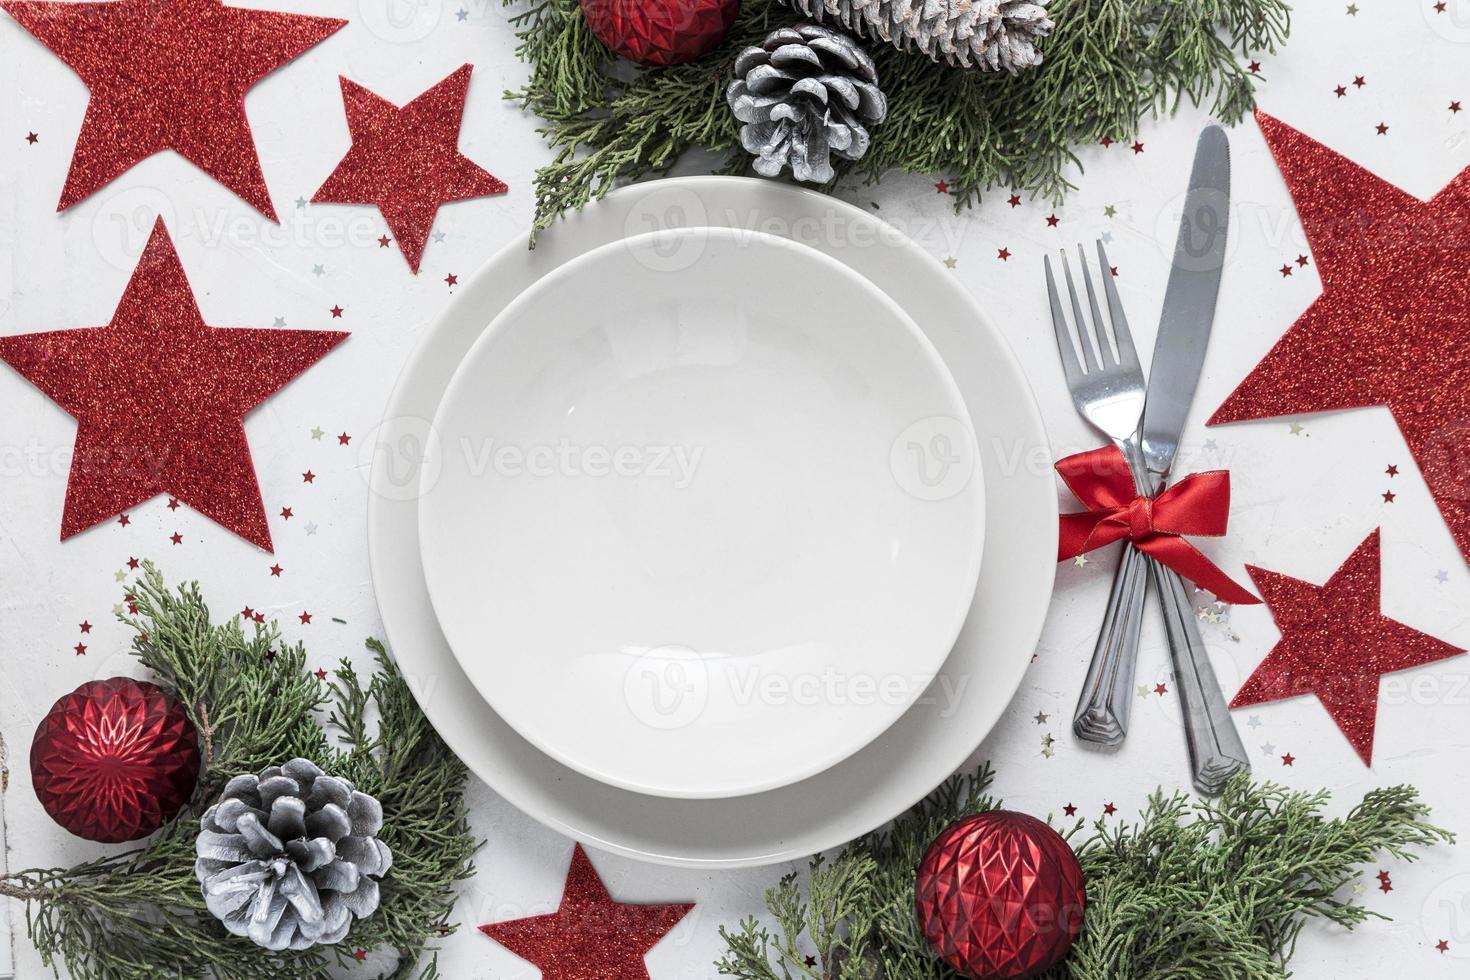 plat lag feestelijke kersttafel assortiment foto